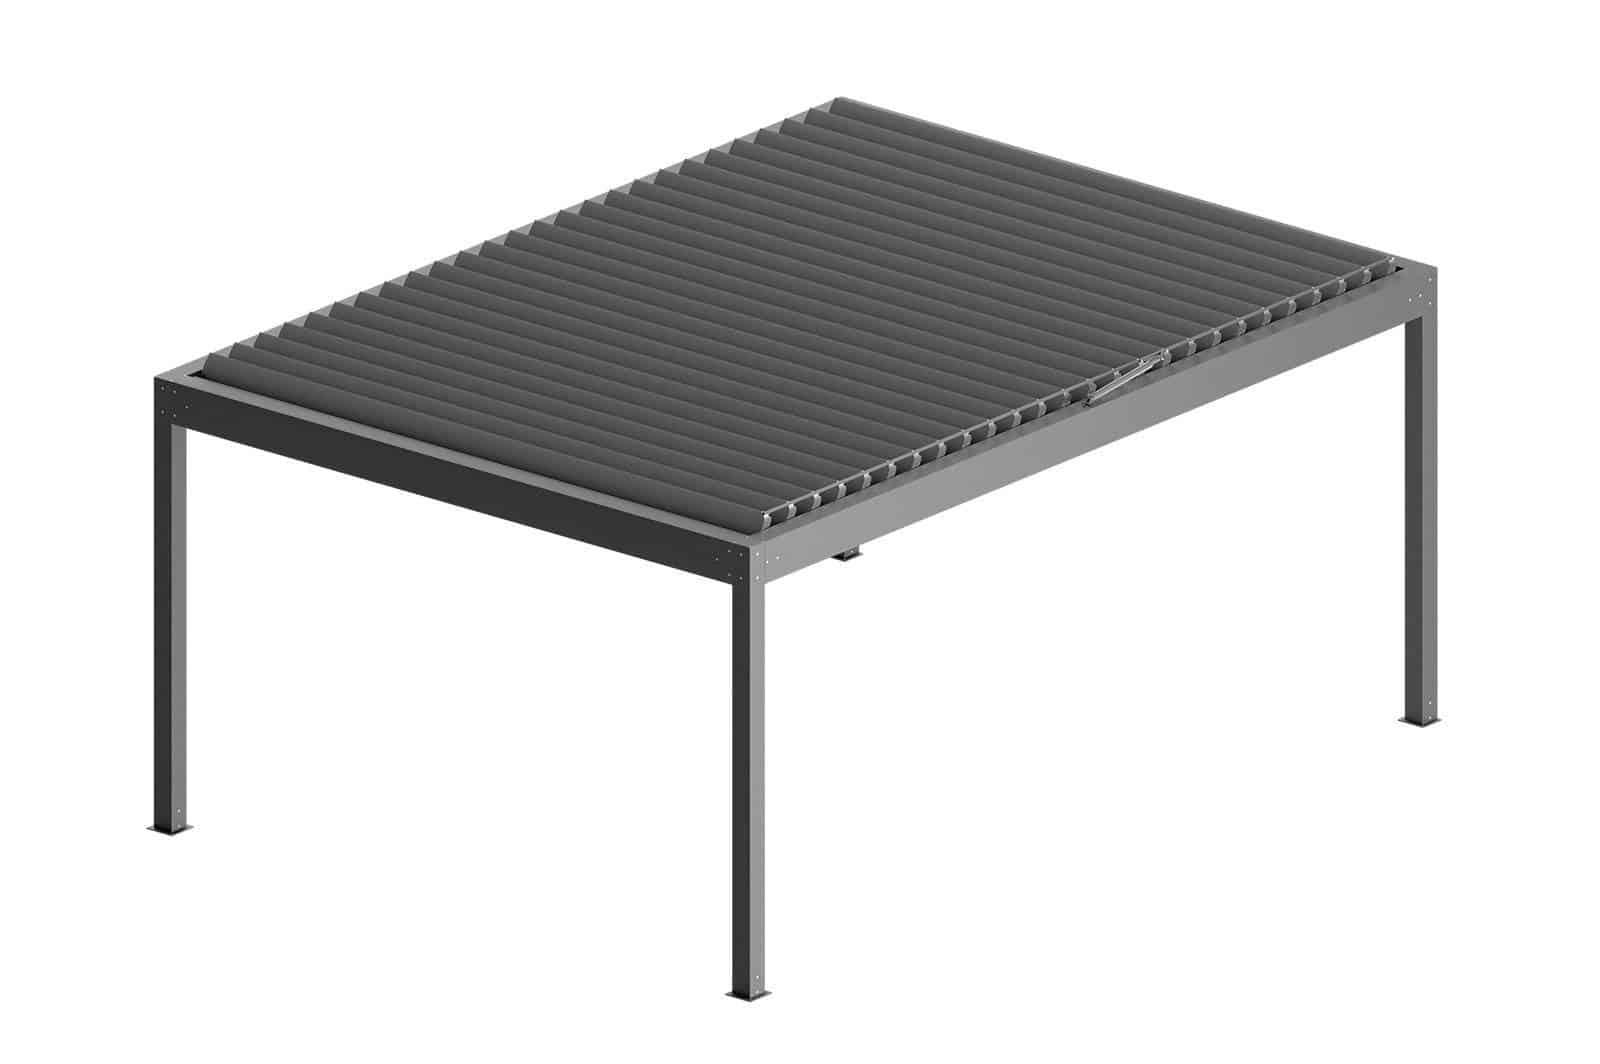 Zadaszenie tarasowe SB500 3x5m